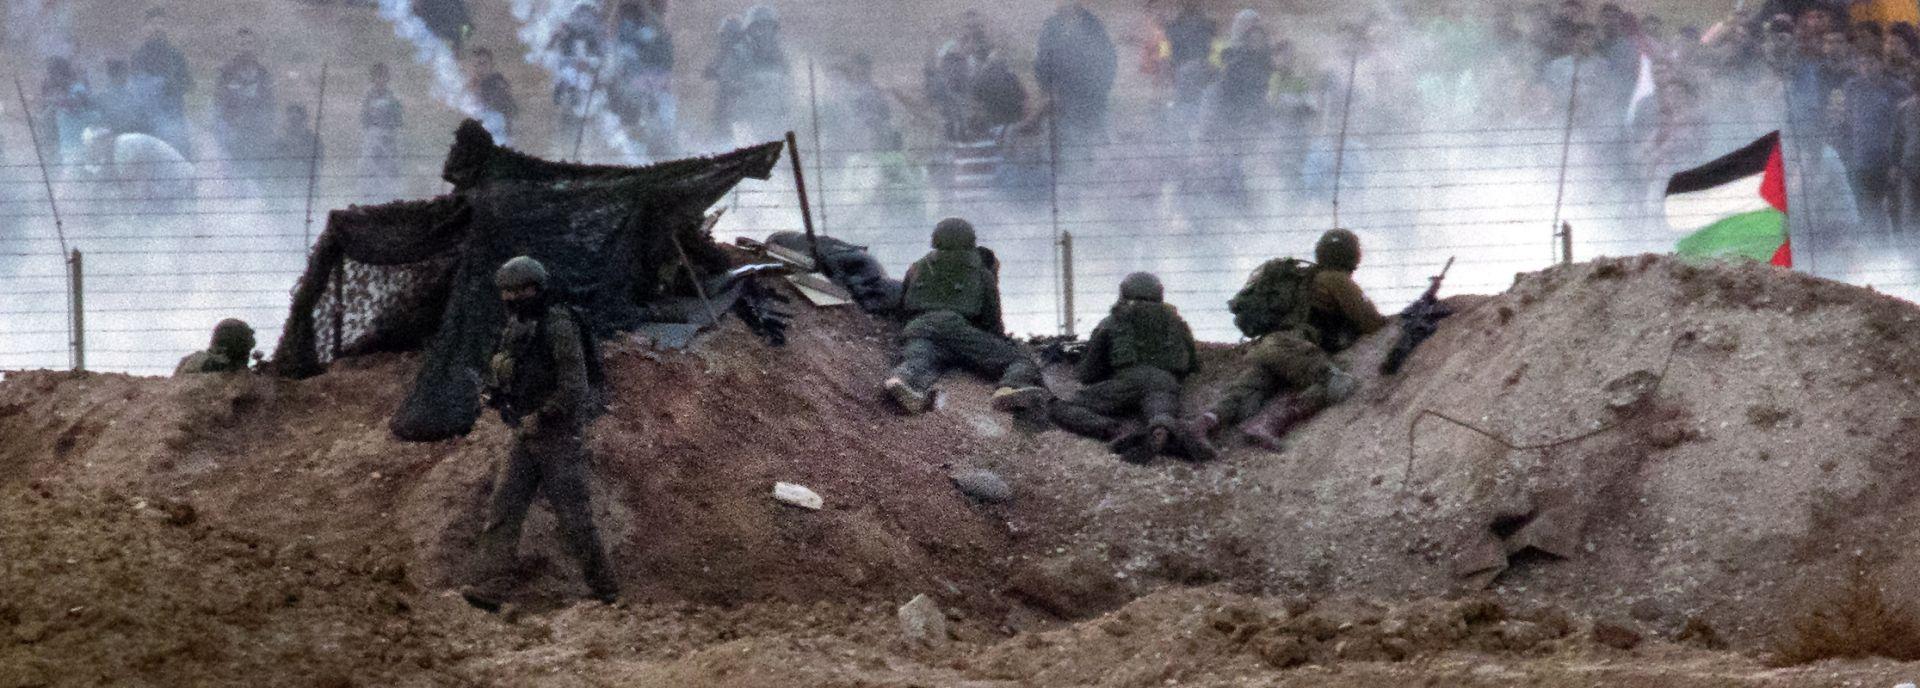 GAZA Izraelske snage ubile šestoricu Palestinaca